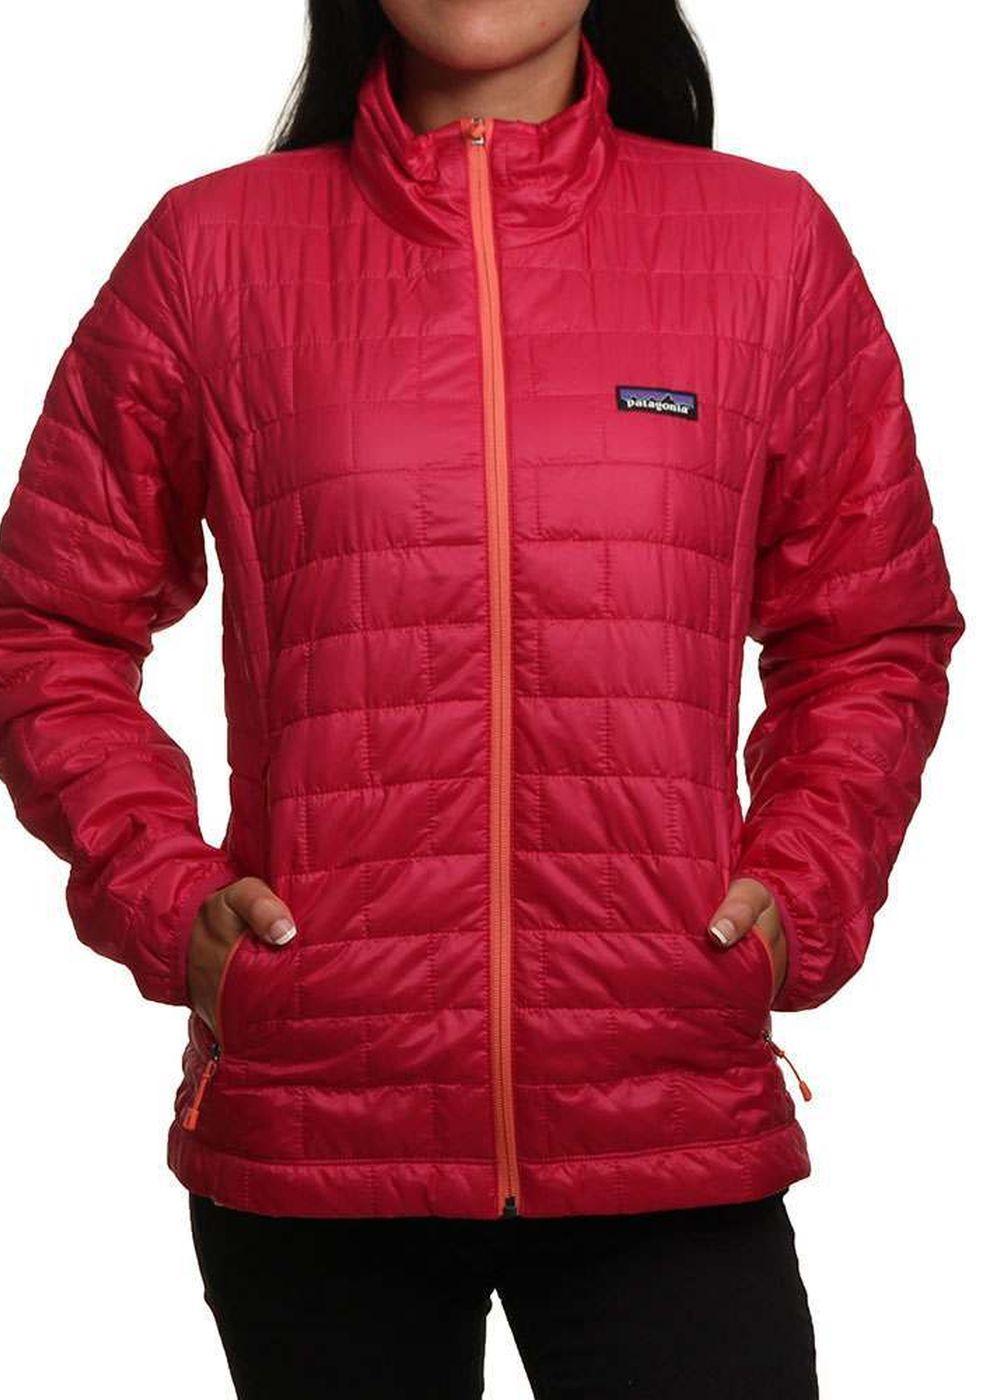 patagonia-nano-puff-jacket-craft-pink